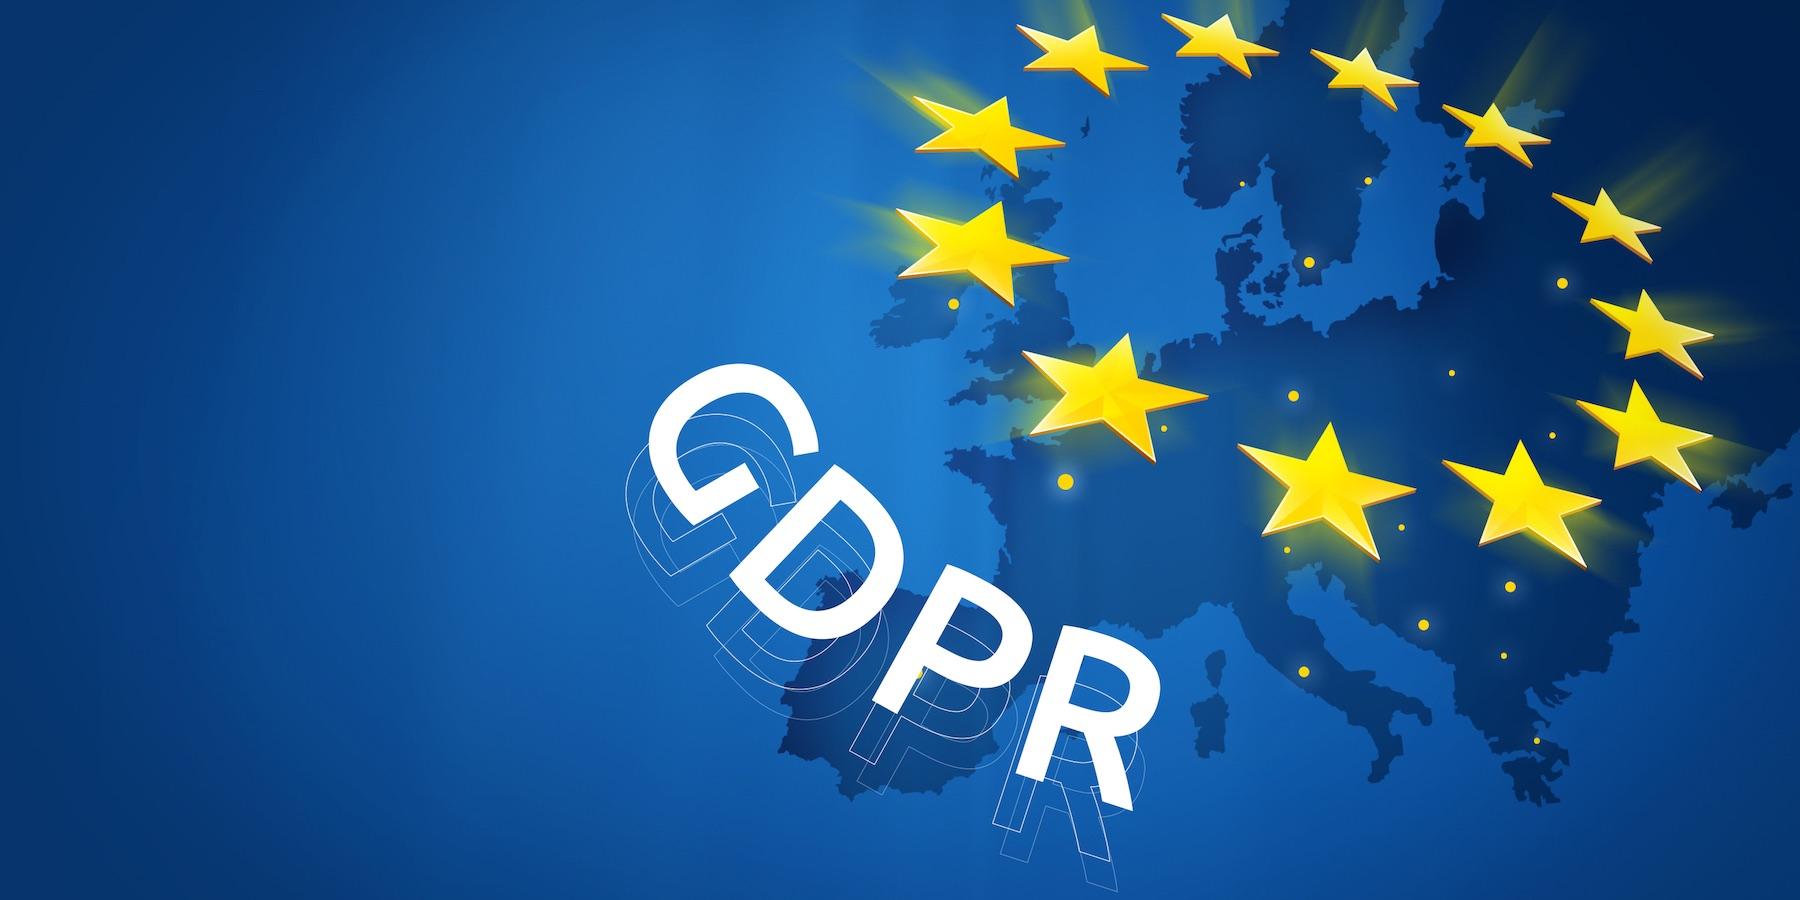 GDPR: cresce la fiducia dei dipendenti nella sicurezza della gestione dei dati